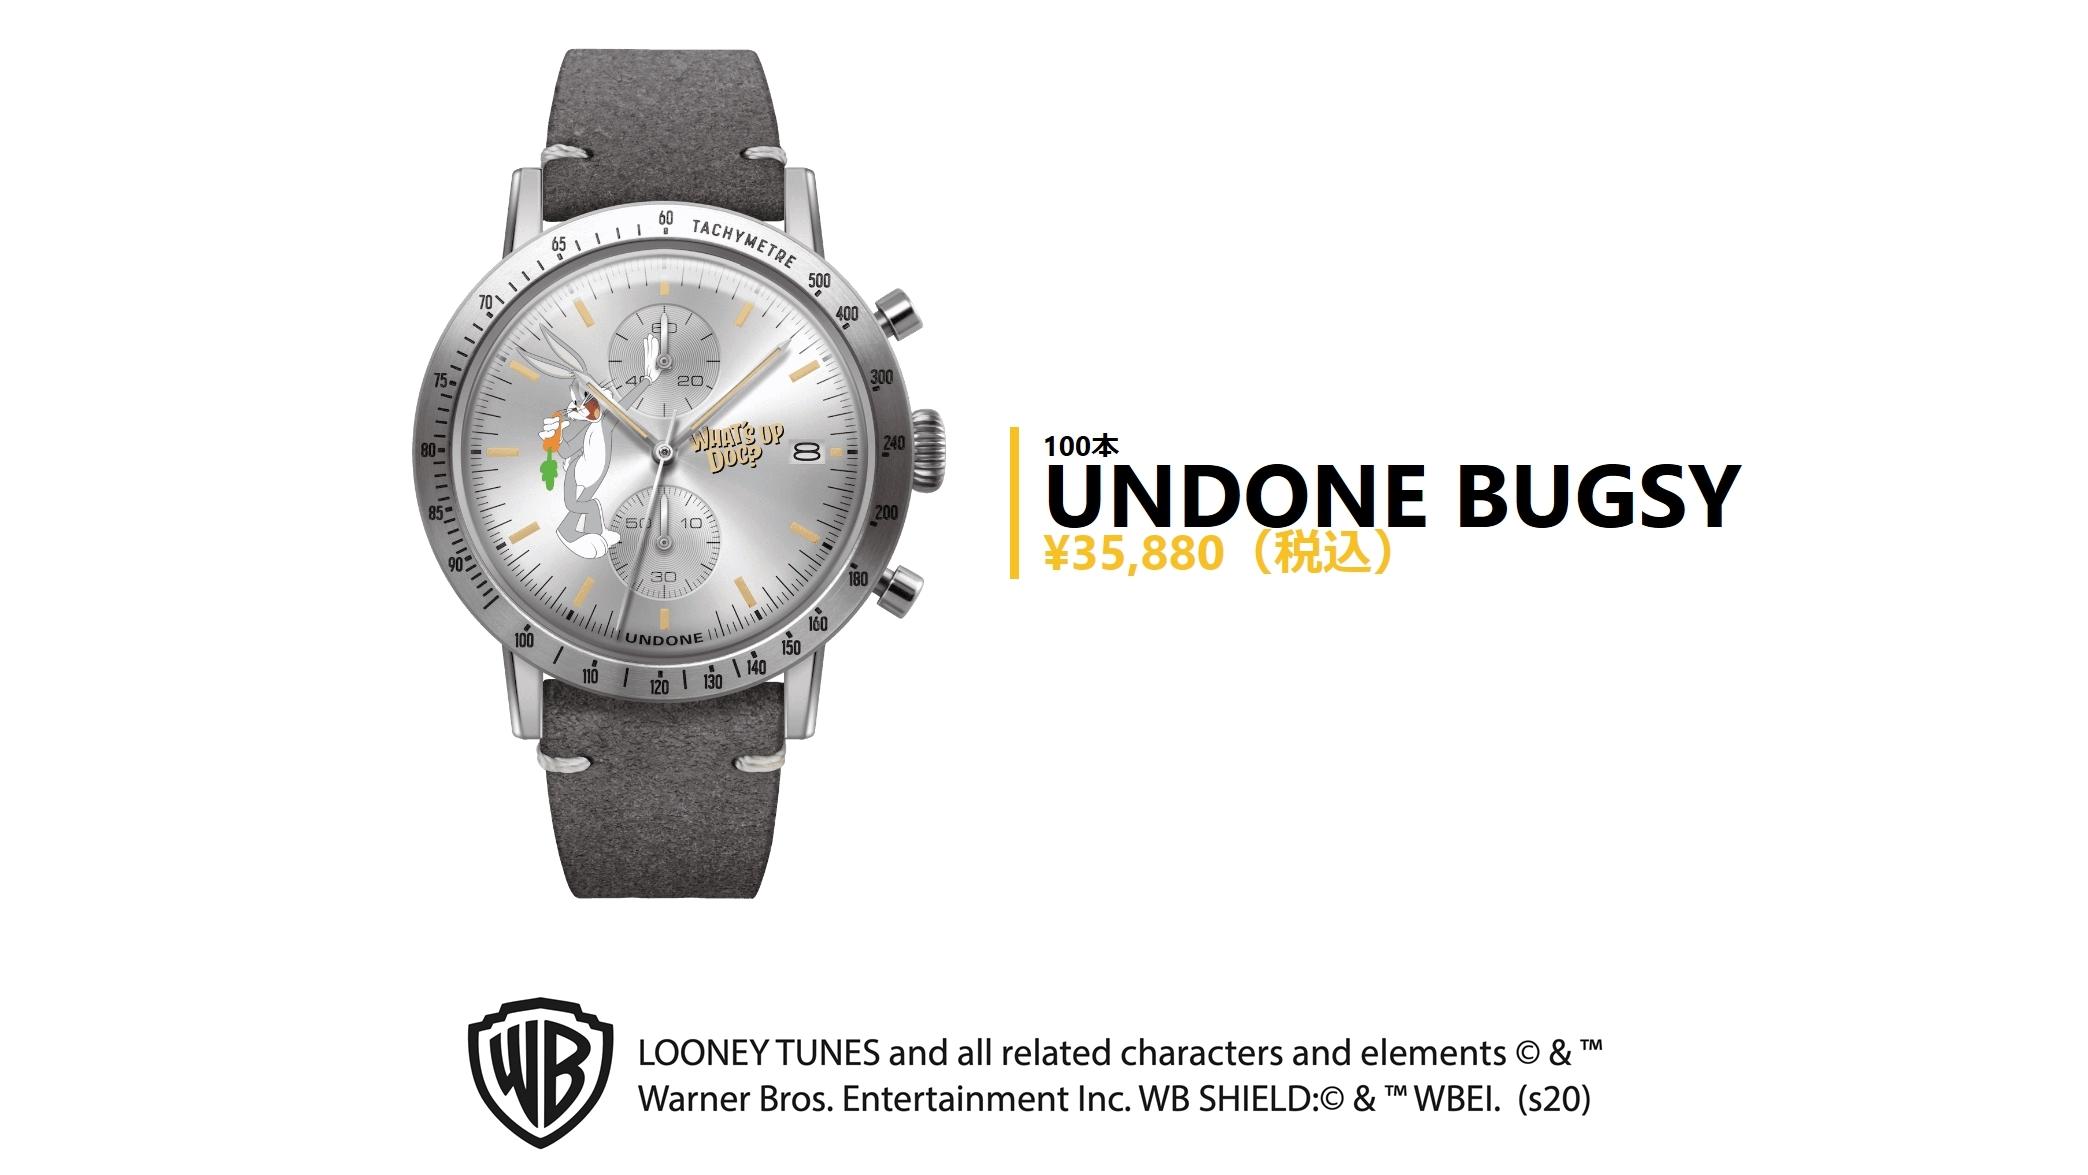 UNDONE アンダーン bugs_bunny バックスバニー ワーナーブロス